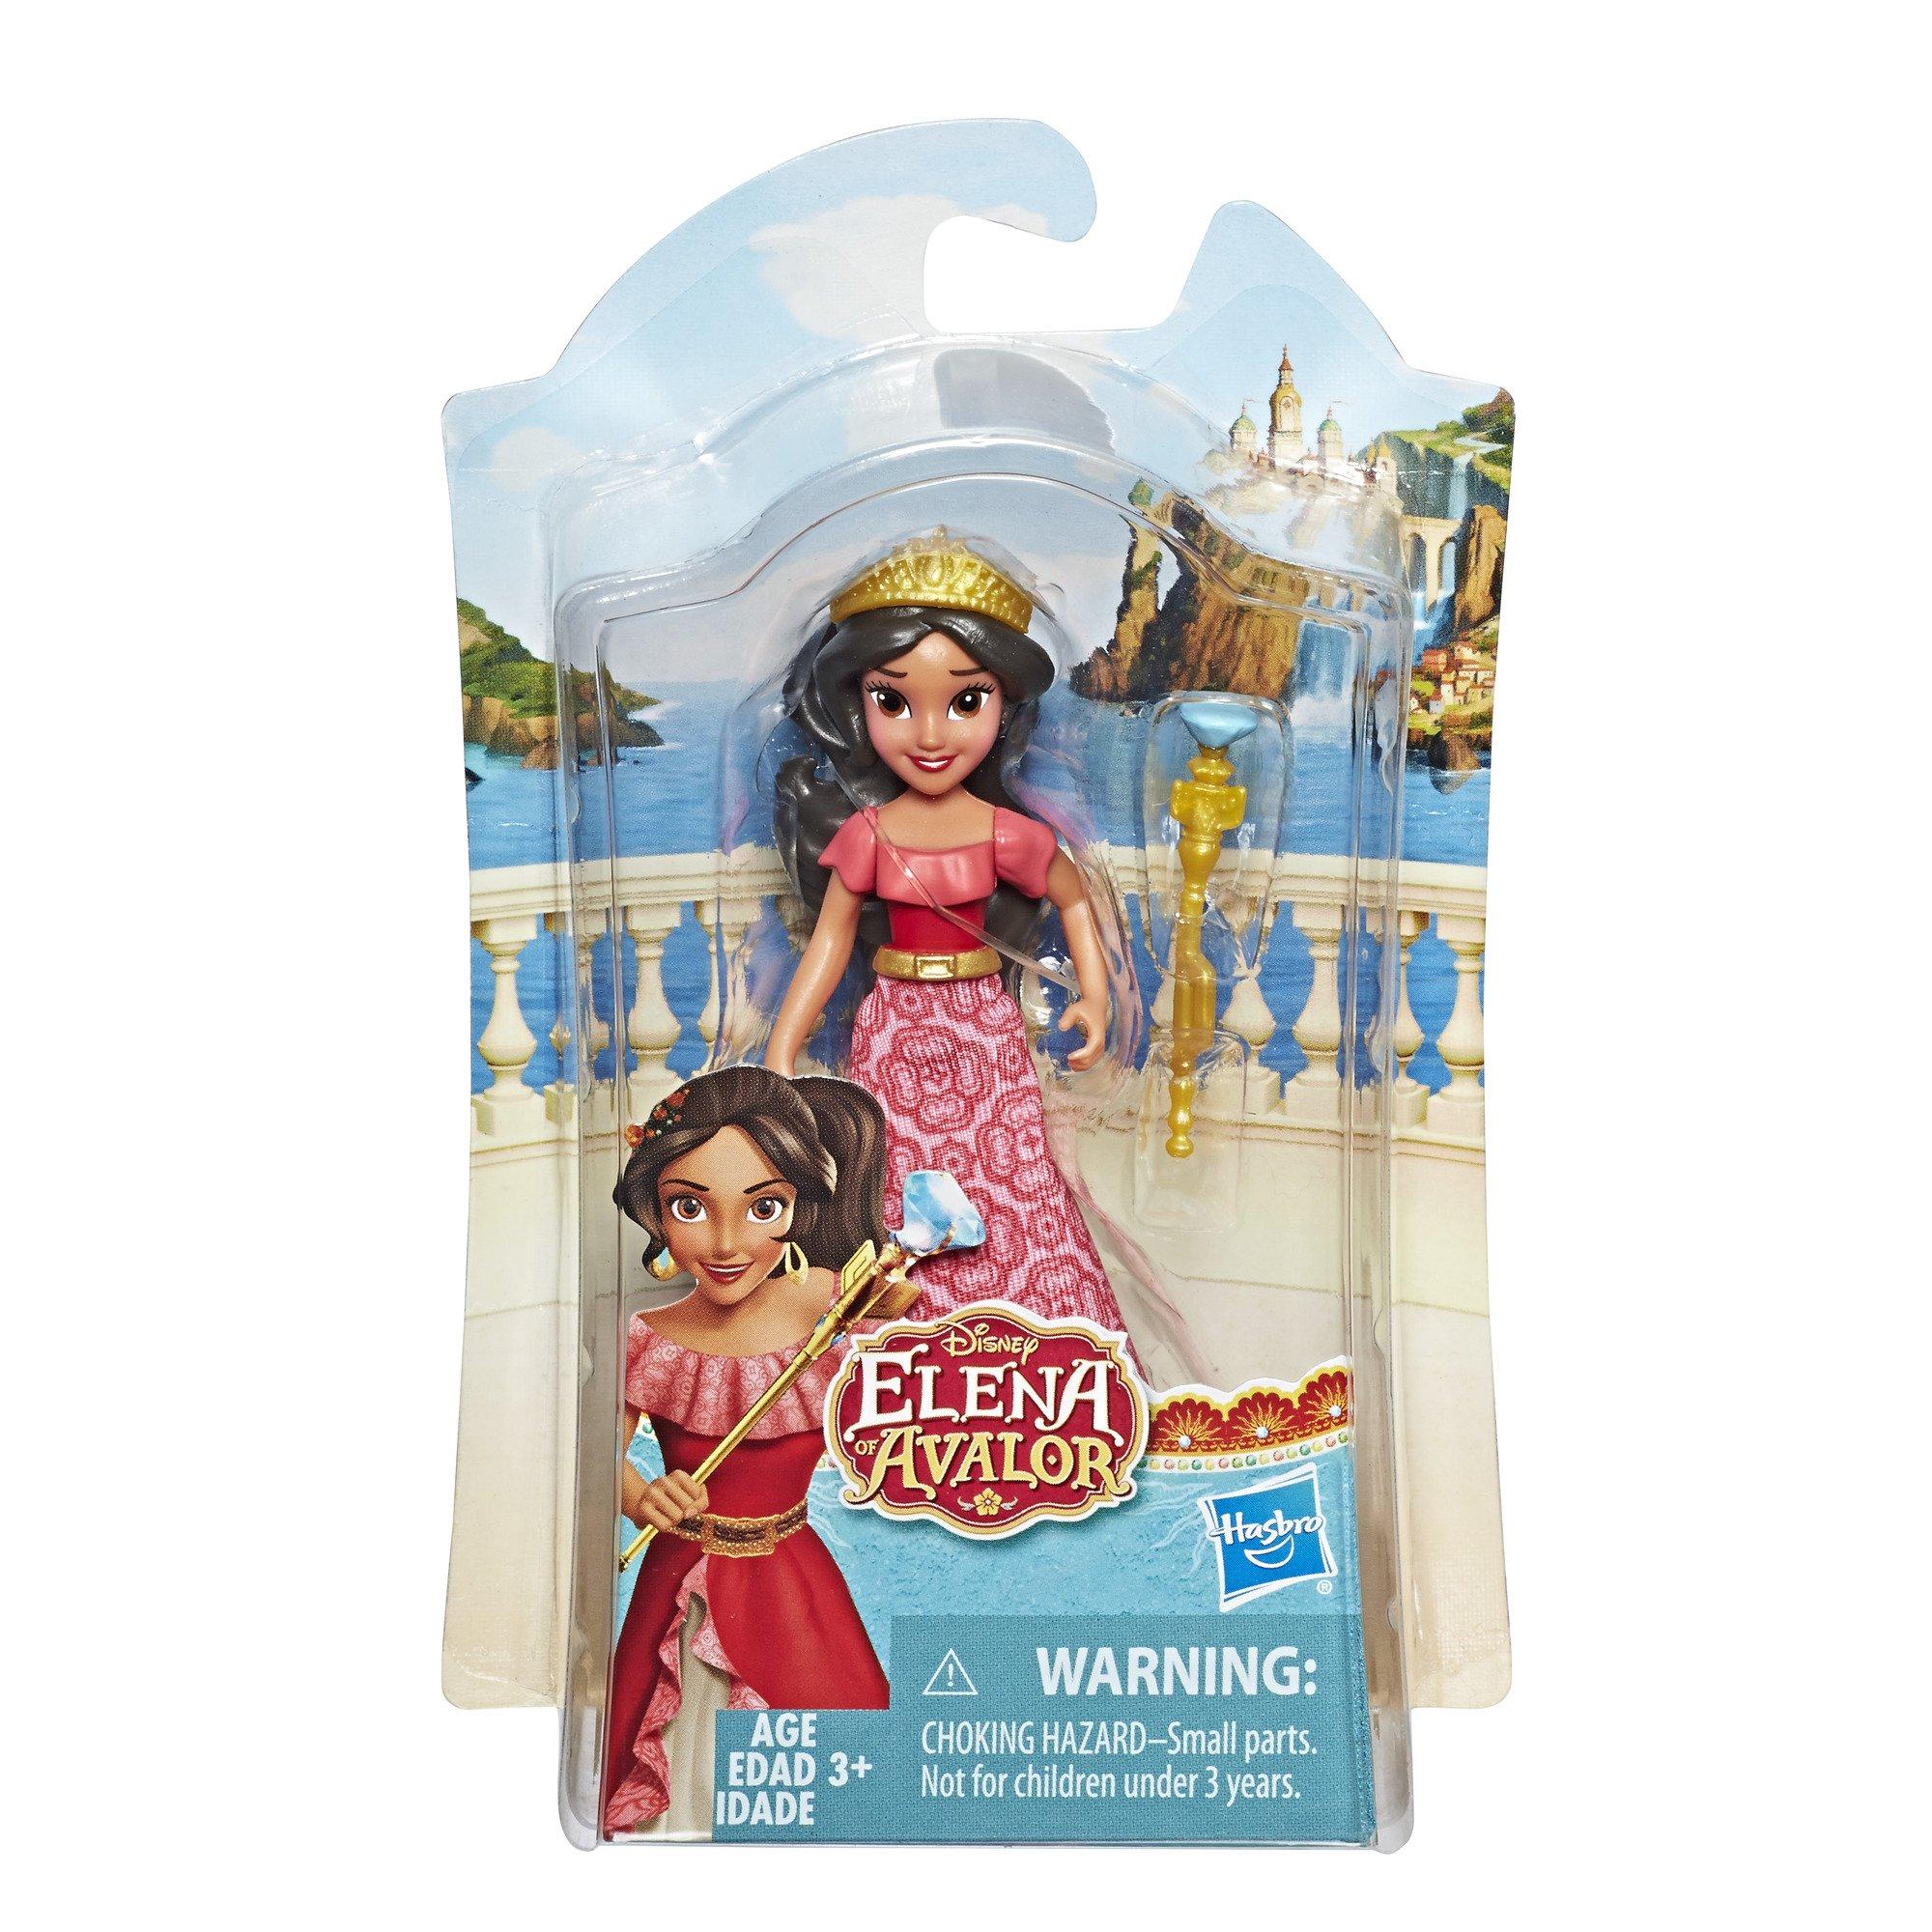 Disney Elena of Avalor Elena Doll - $2.98 at Amazon